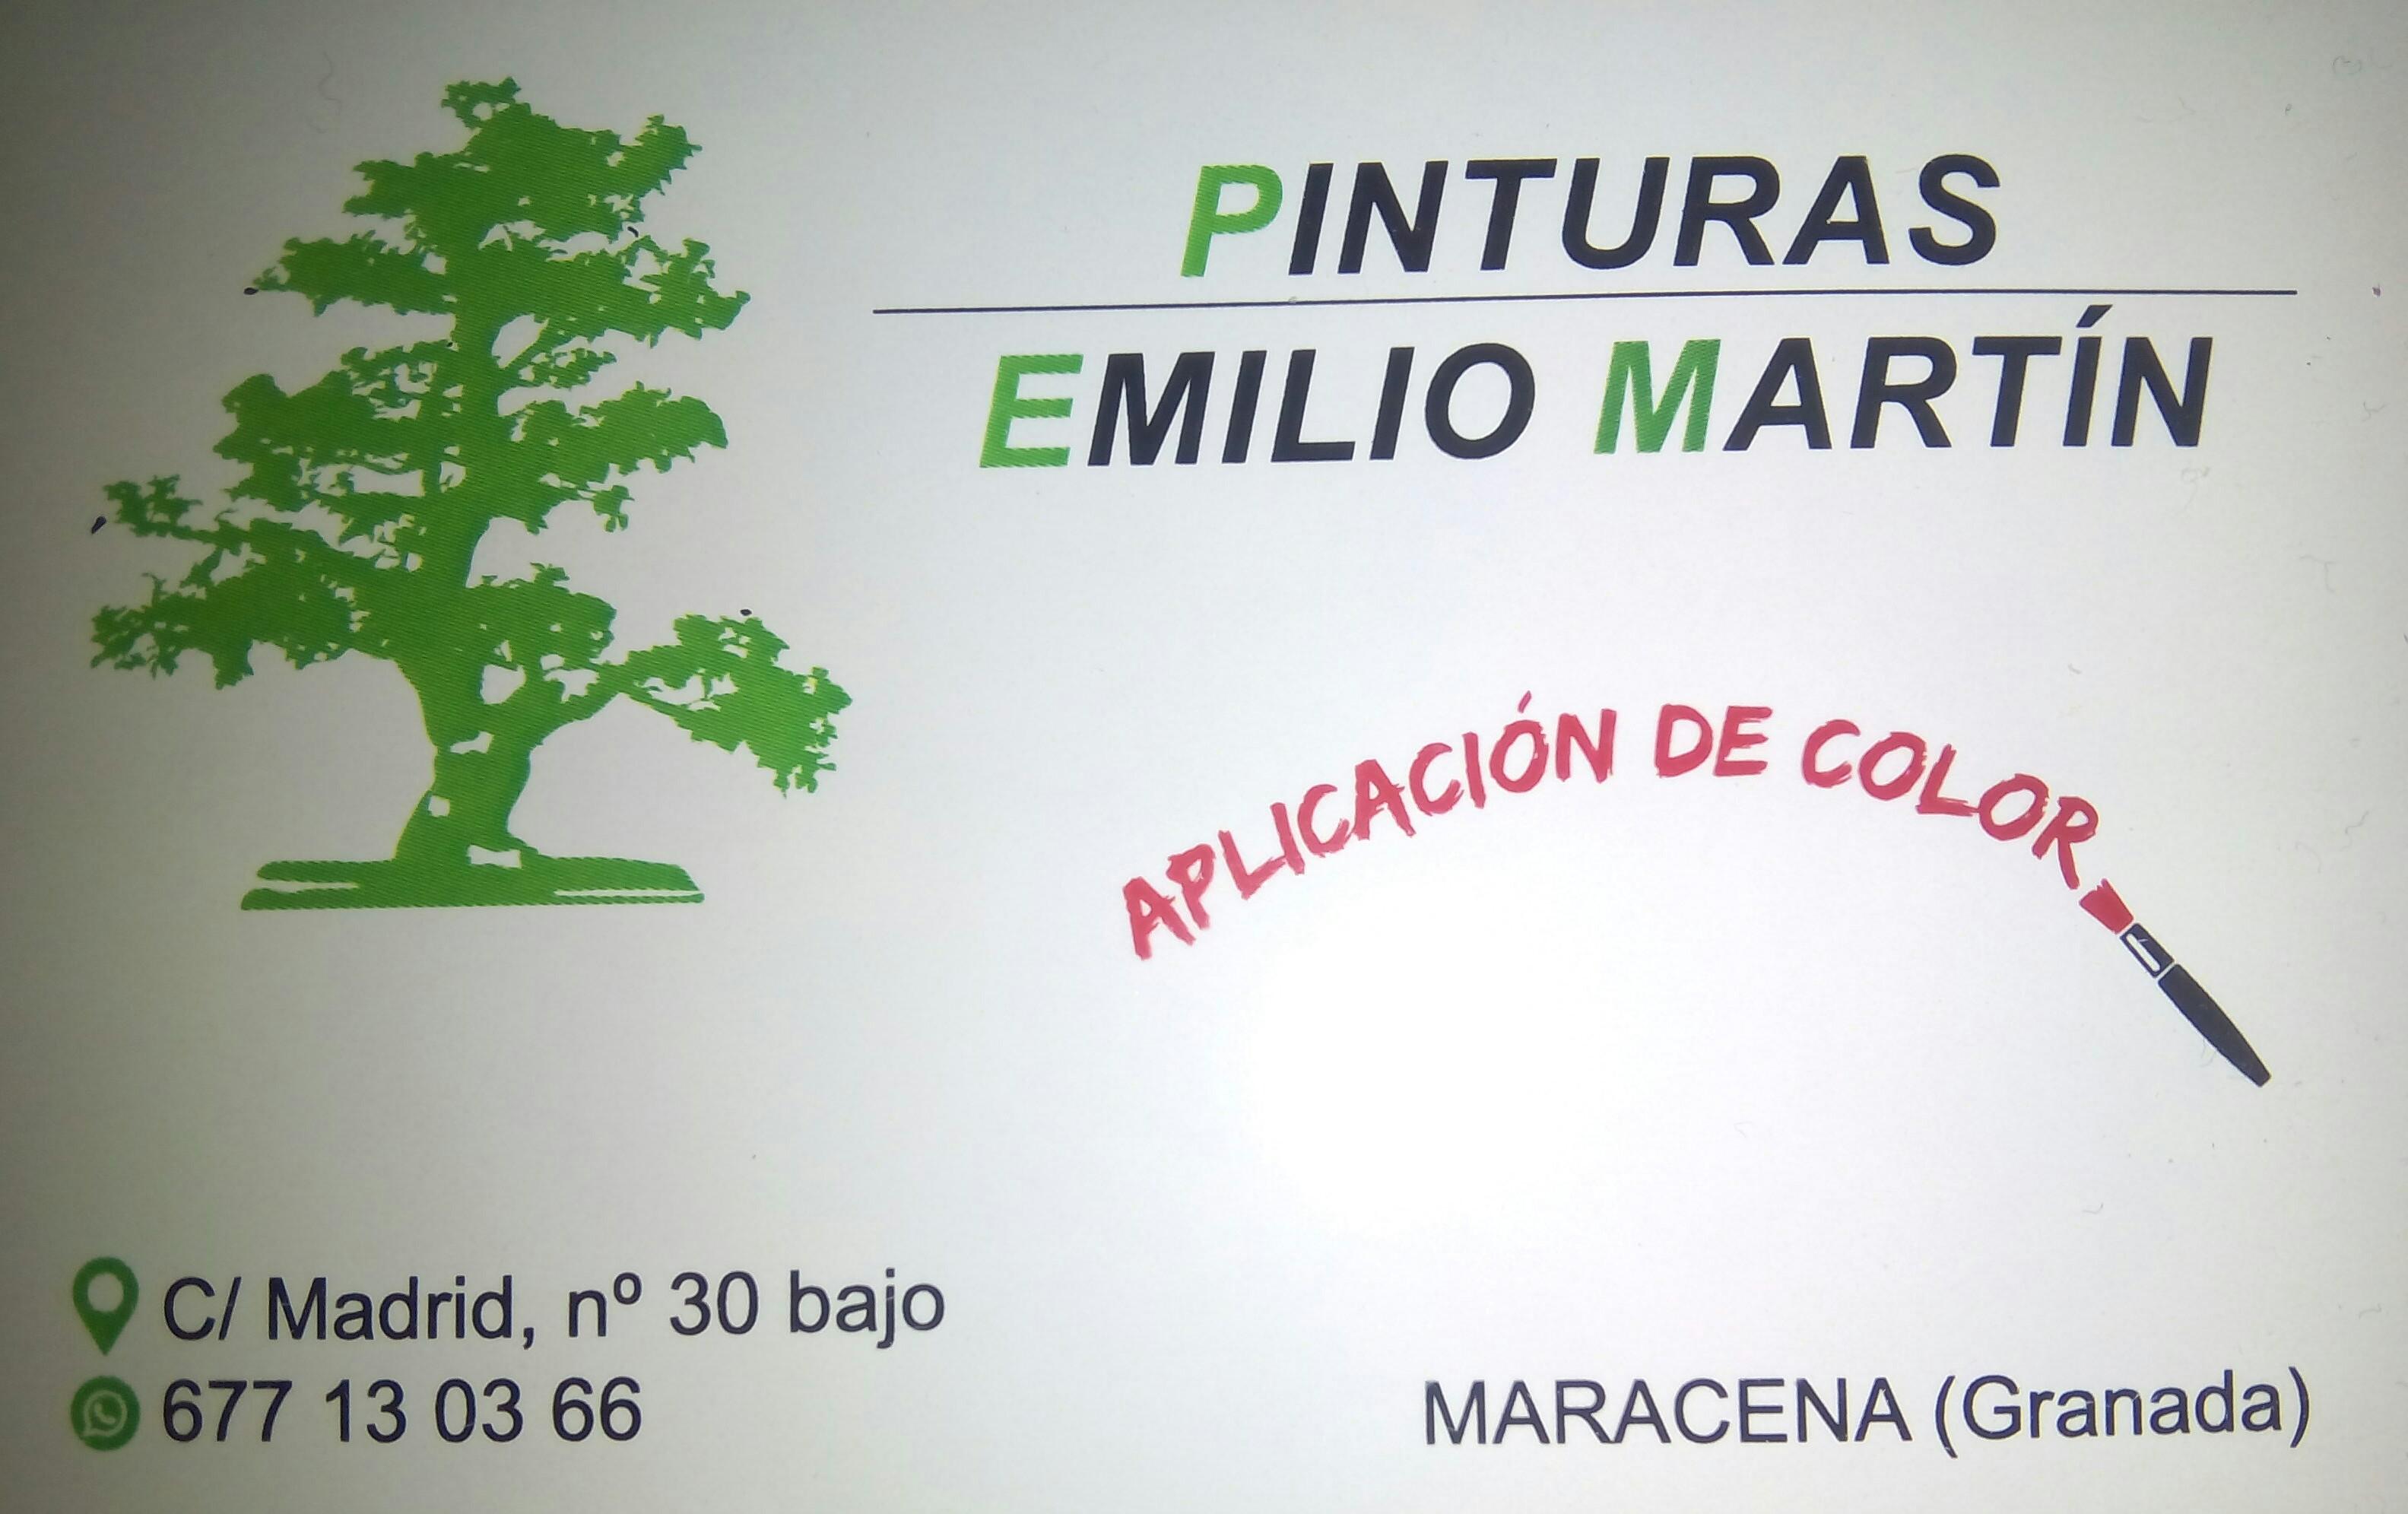 Pinturas Emilio Martín